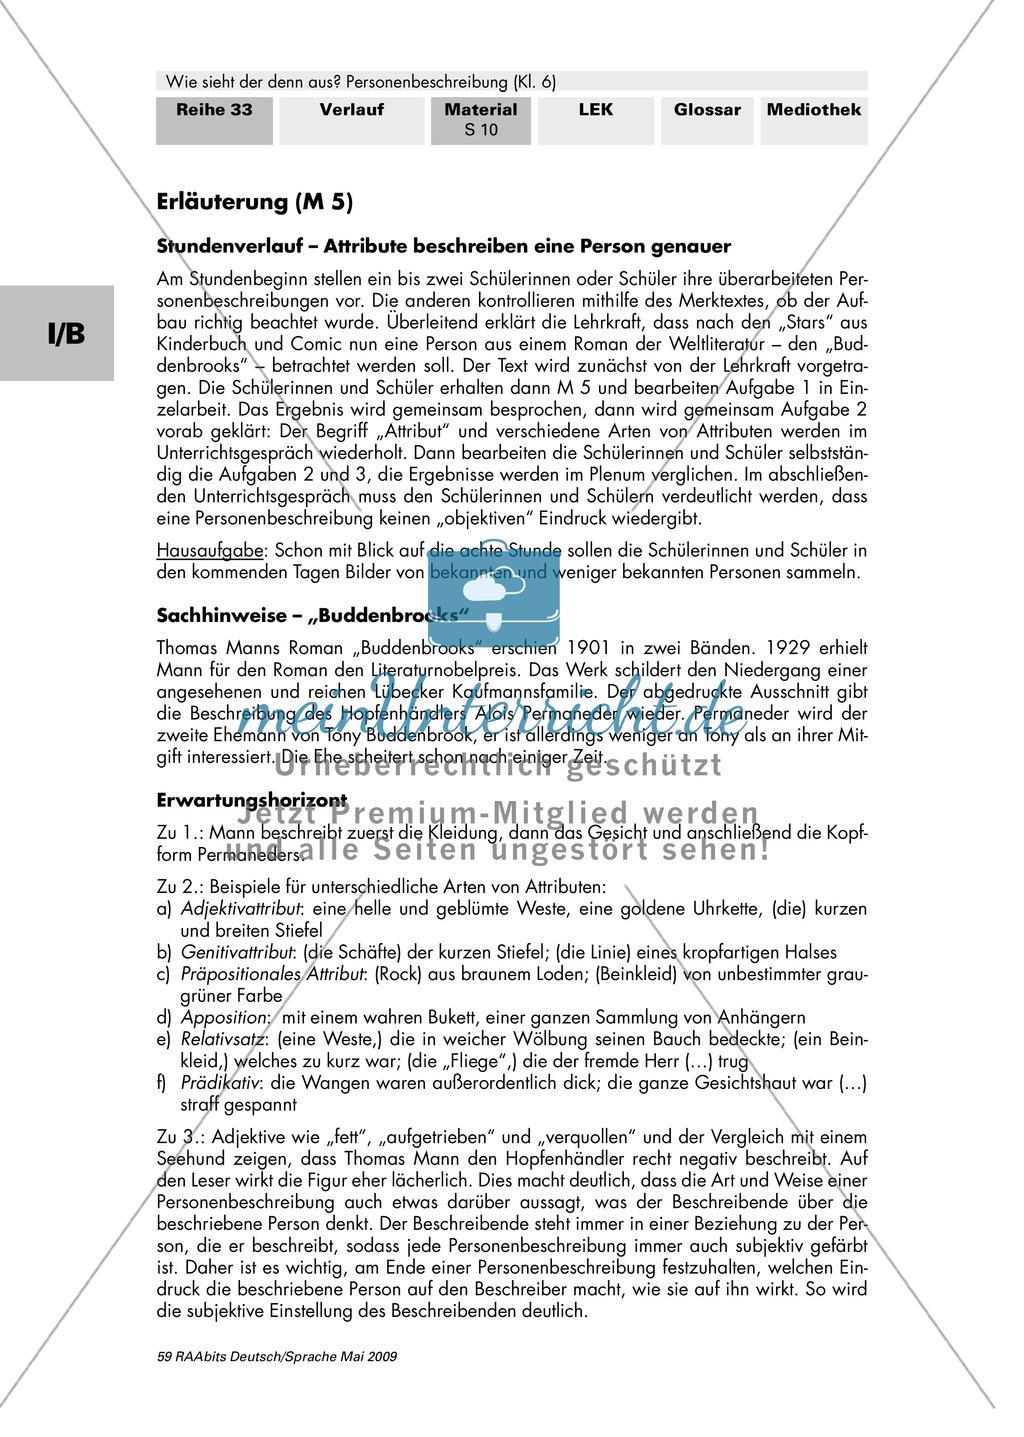 """Attribute als sprachliche Gestaltungsmittel einer Personenbeschreibung: Auszug aus den """"Buddenbrooks"""" Preview 2"""